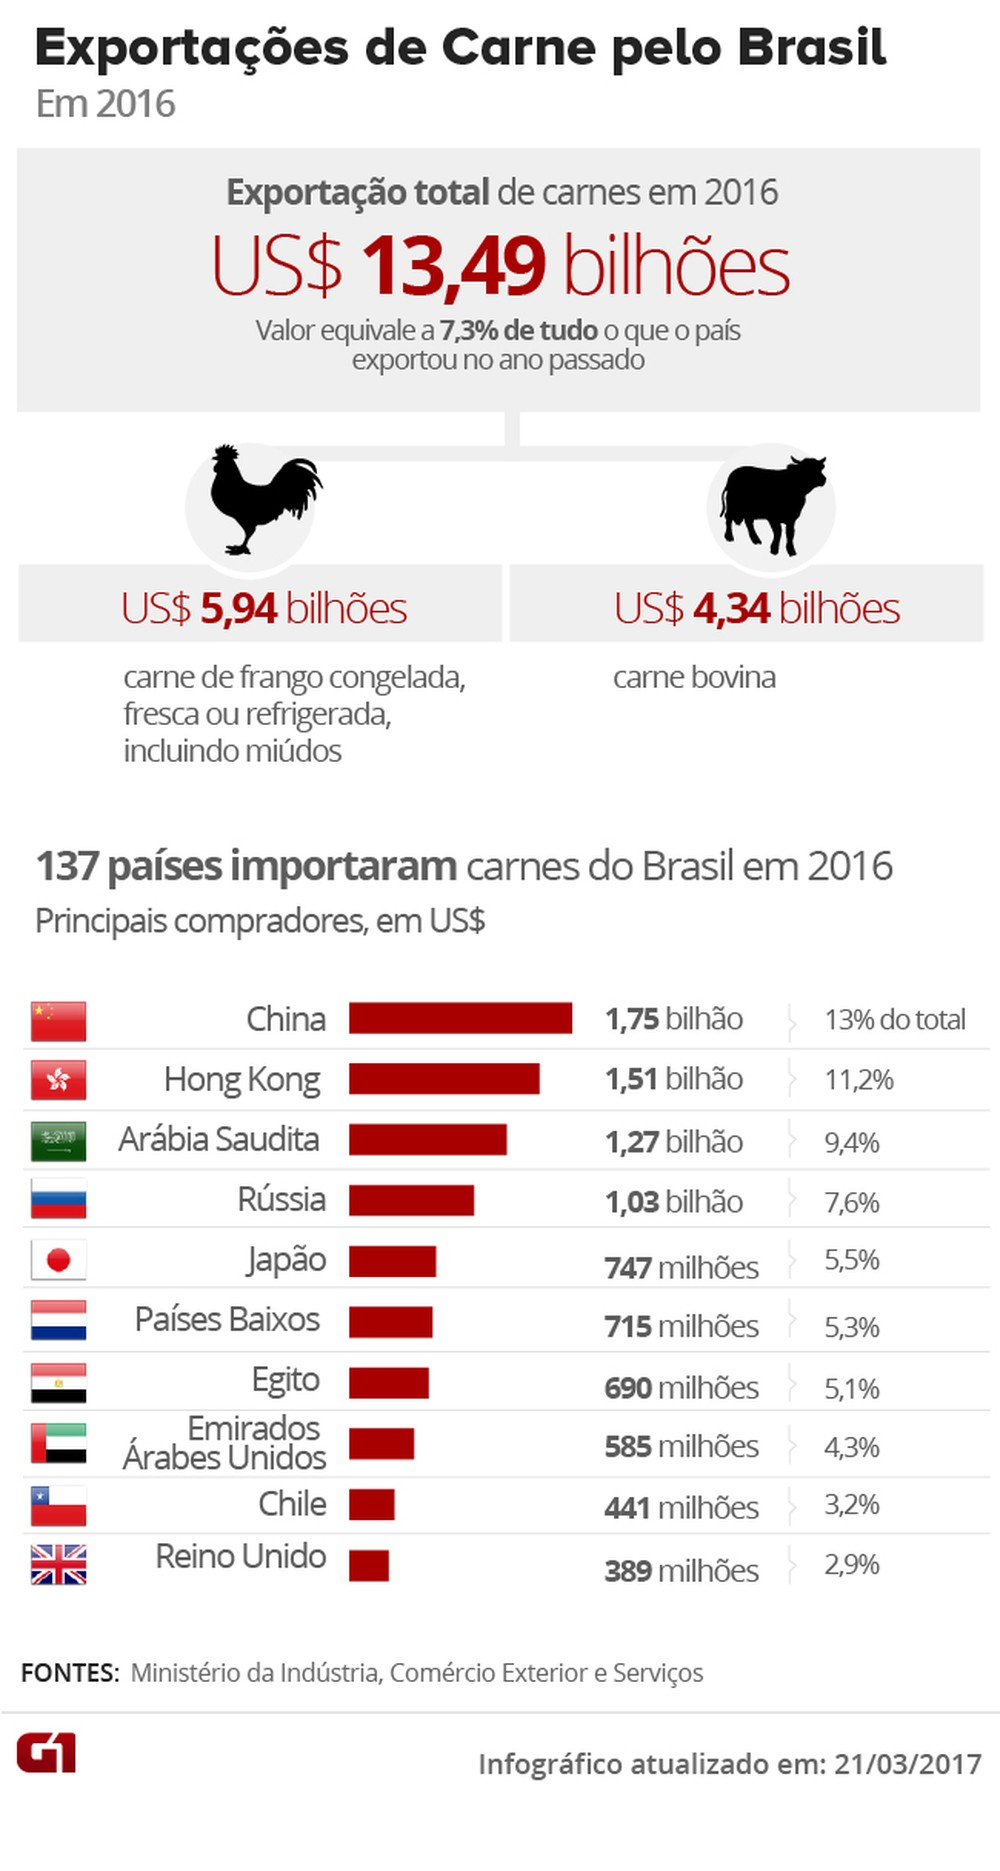 Exportações de carnes pelo Brasil em 2016 (Foto: Arte/G1)